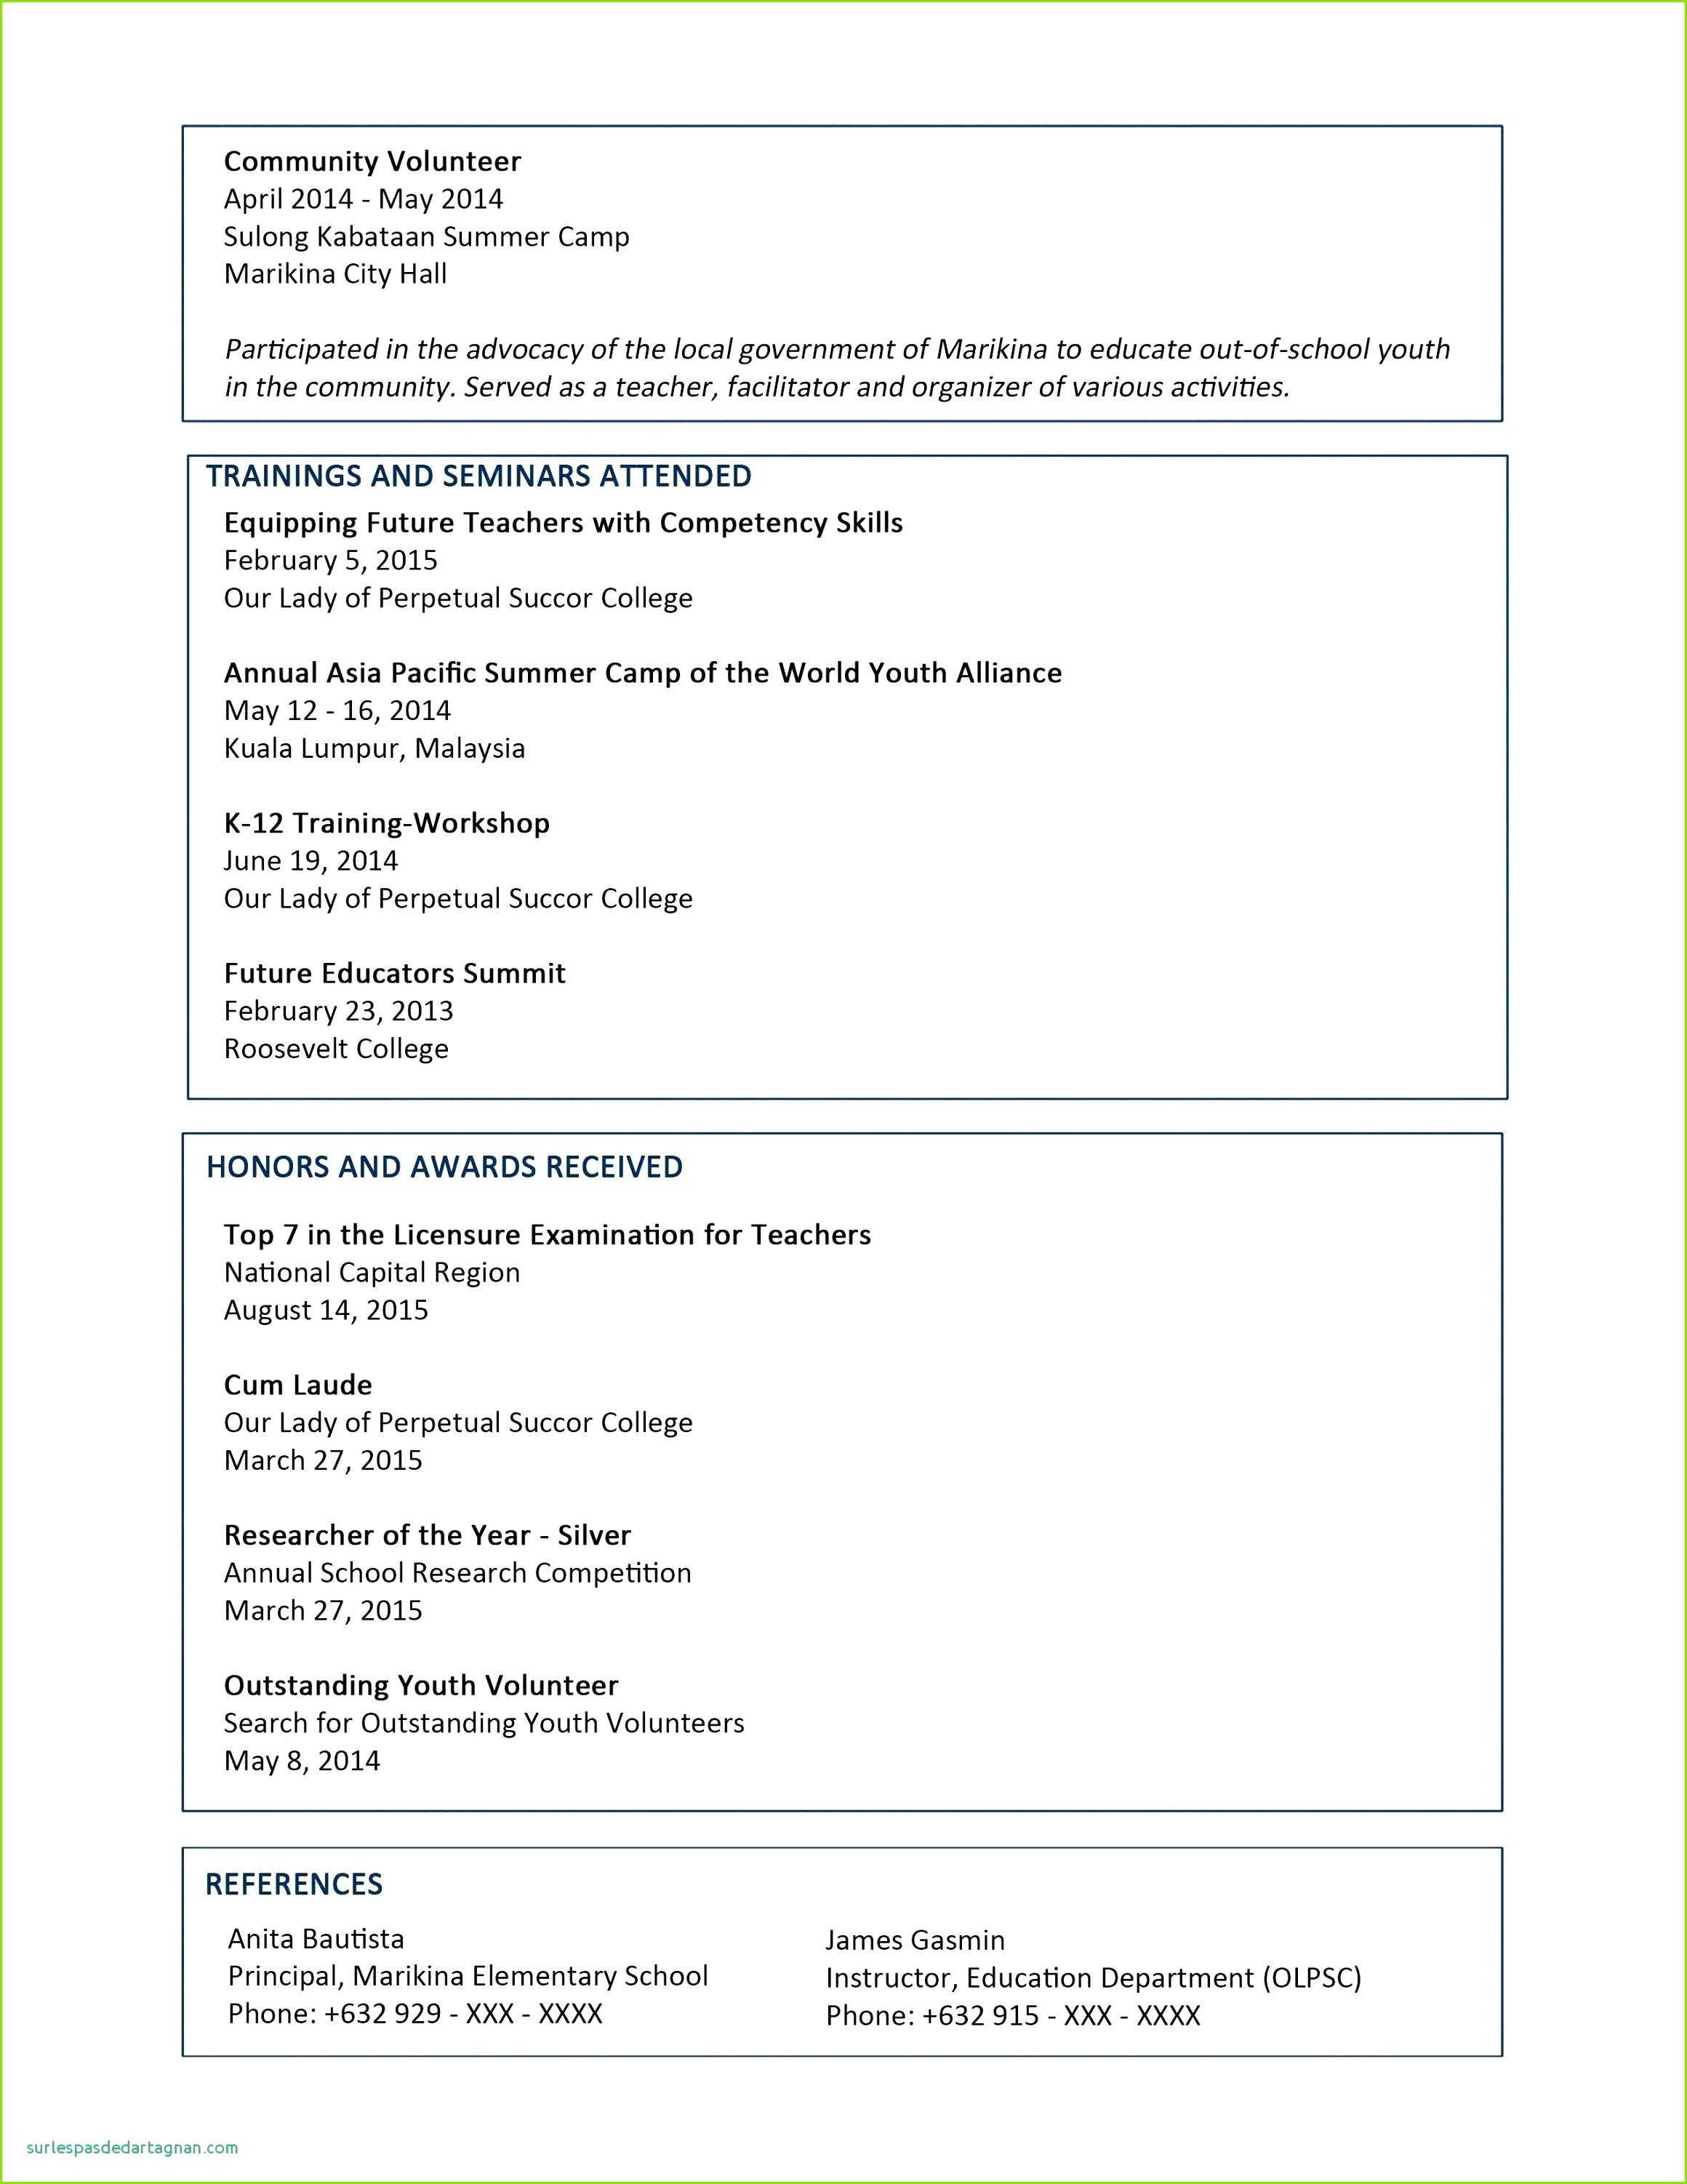 Beautiful Email Templates Free New Design Server Resume Template Fresh Resume Letter Best formatted Resume 0d Schön E Mail Vorlage – Reinigungsplan